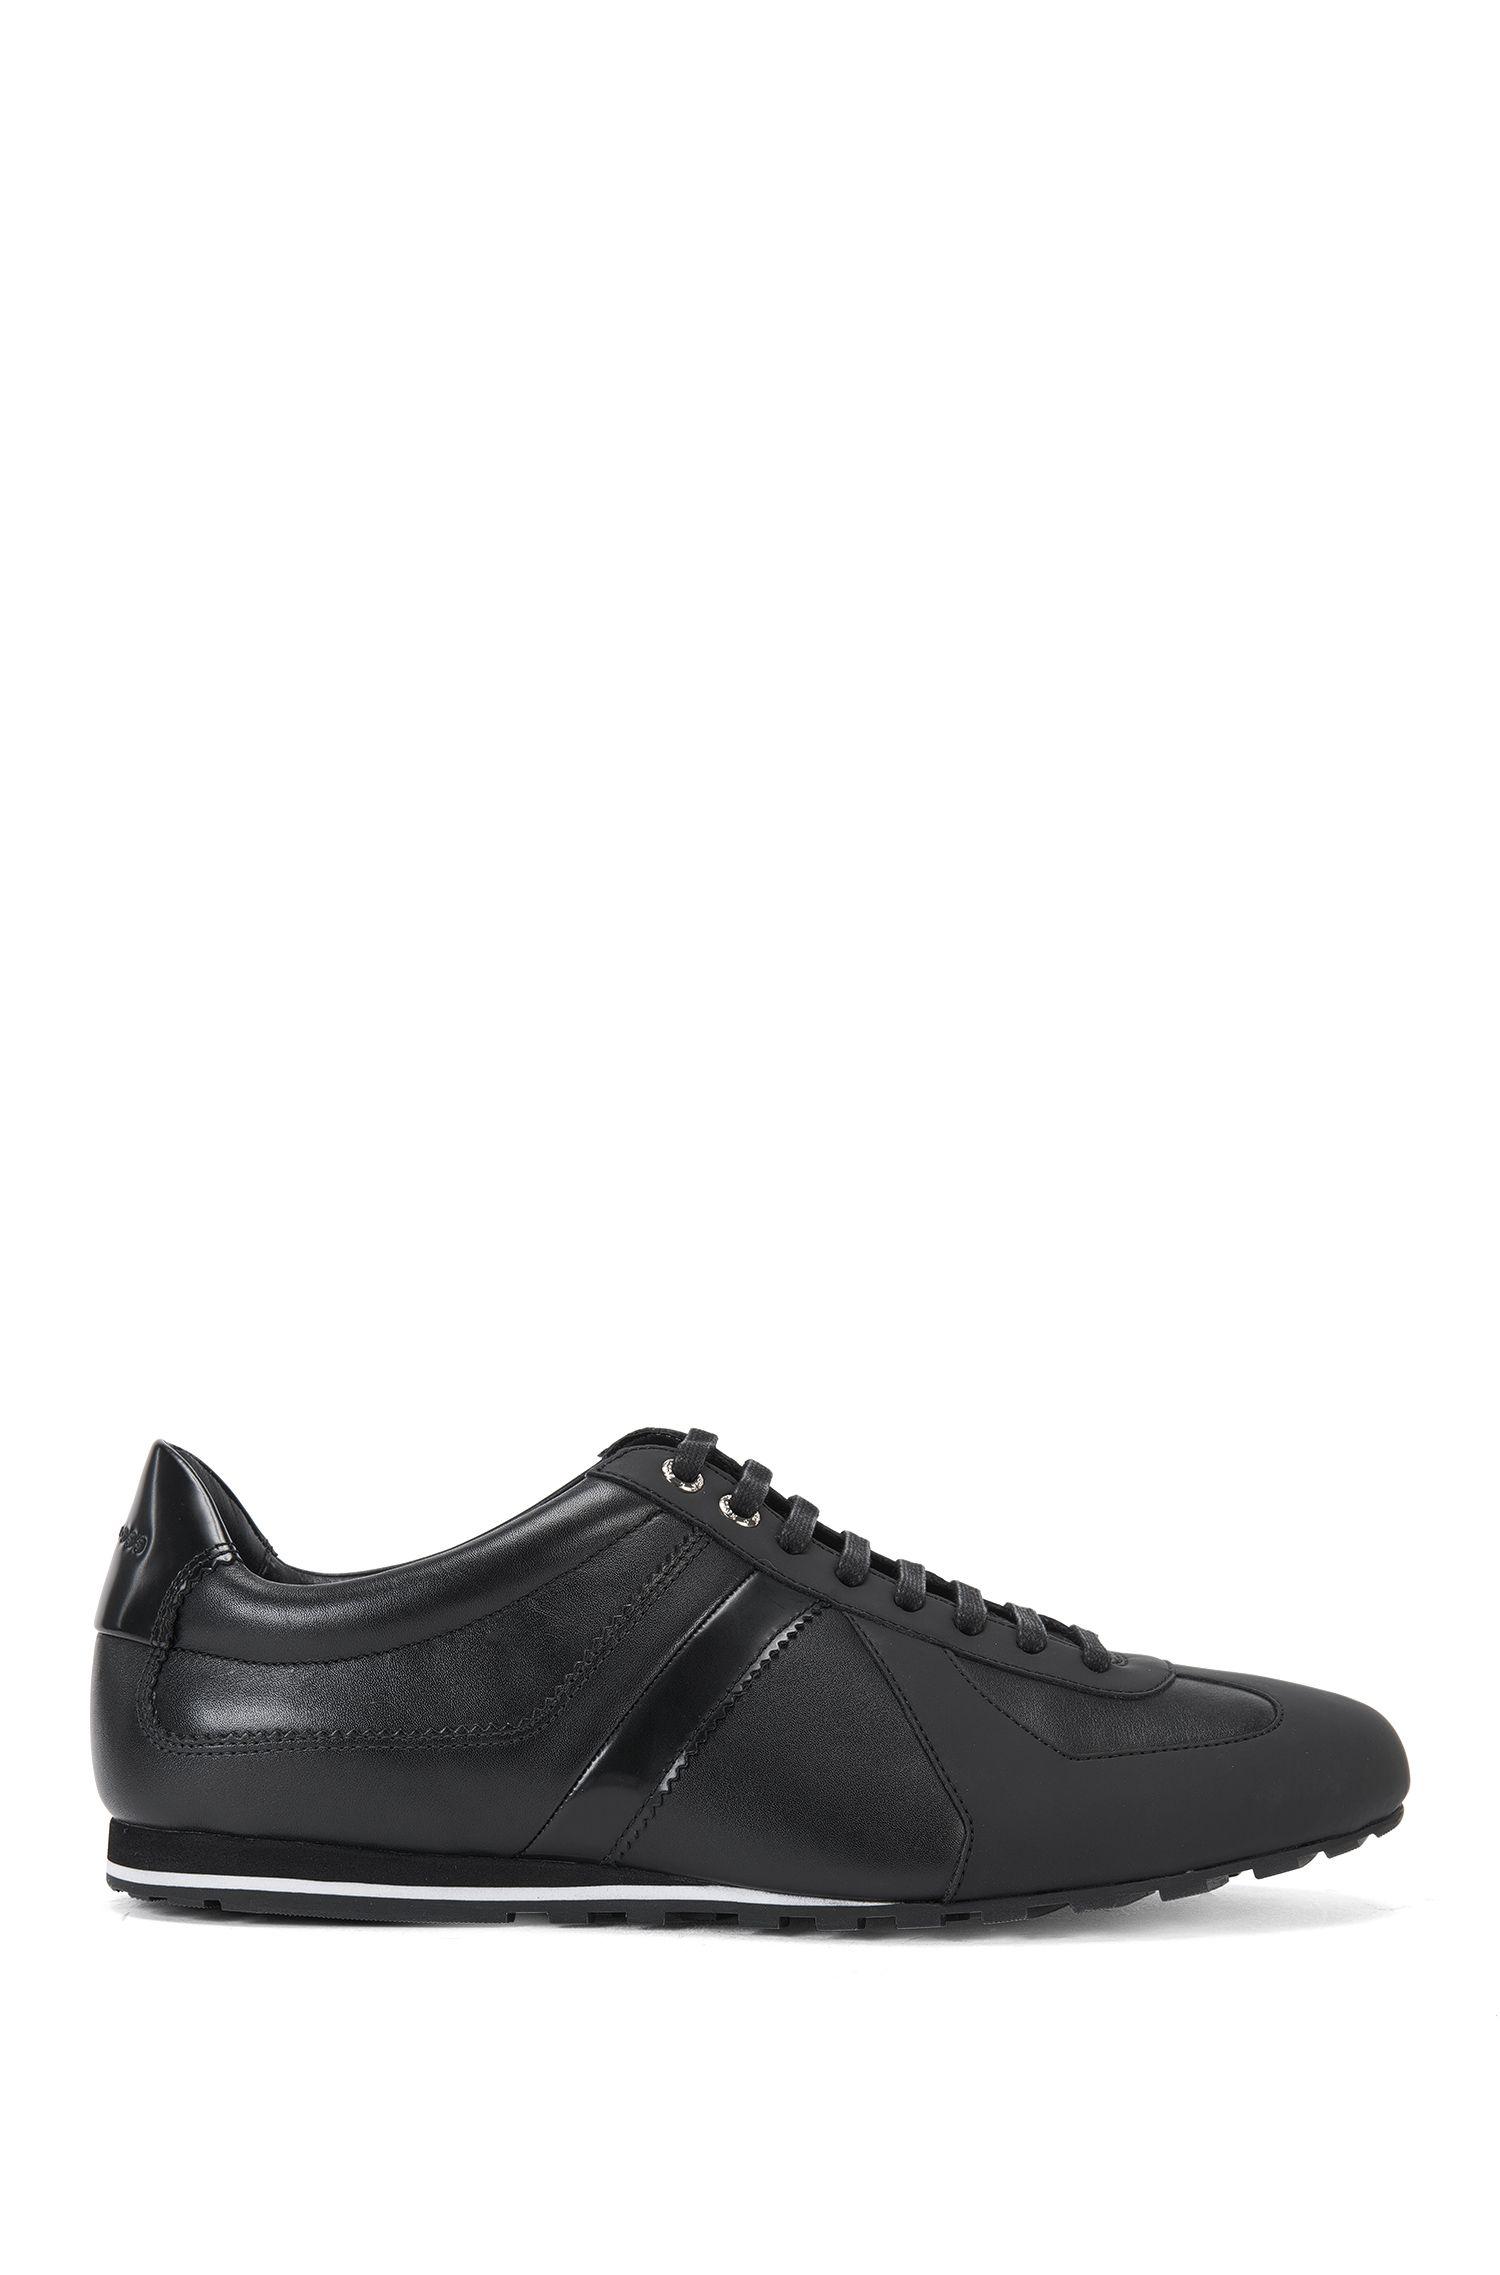 Sneakers aus Leder mit Lack-Details: 'Reset_Lowp_lt'